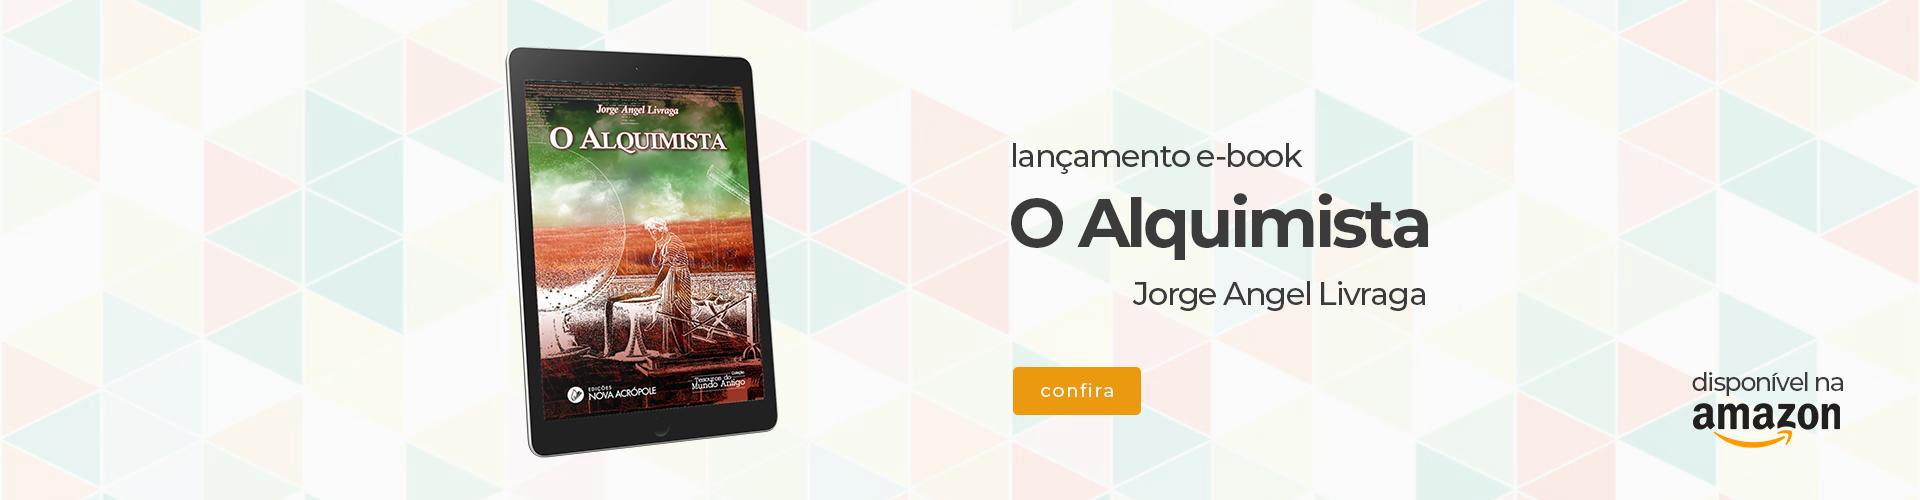 E-book O Alquimista